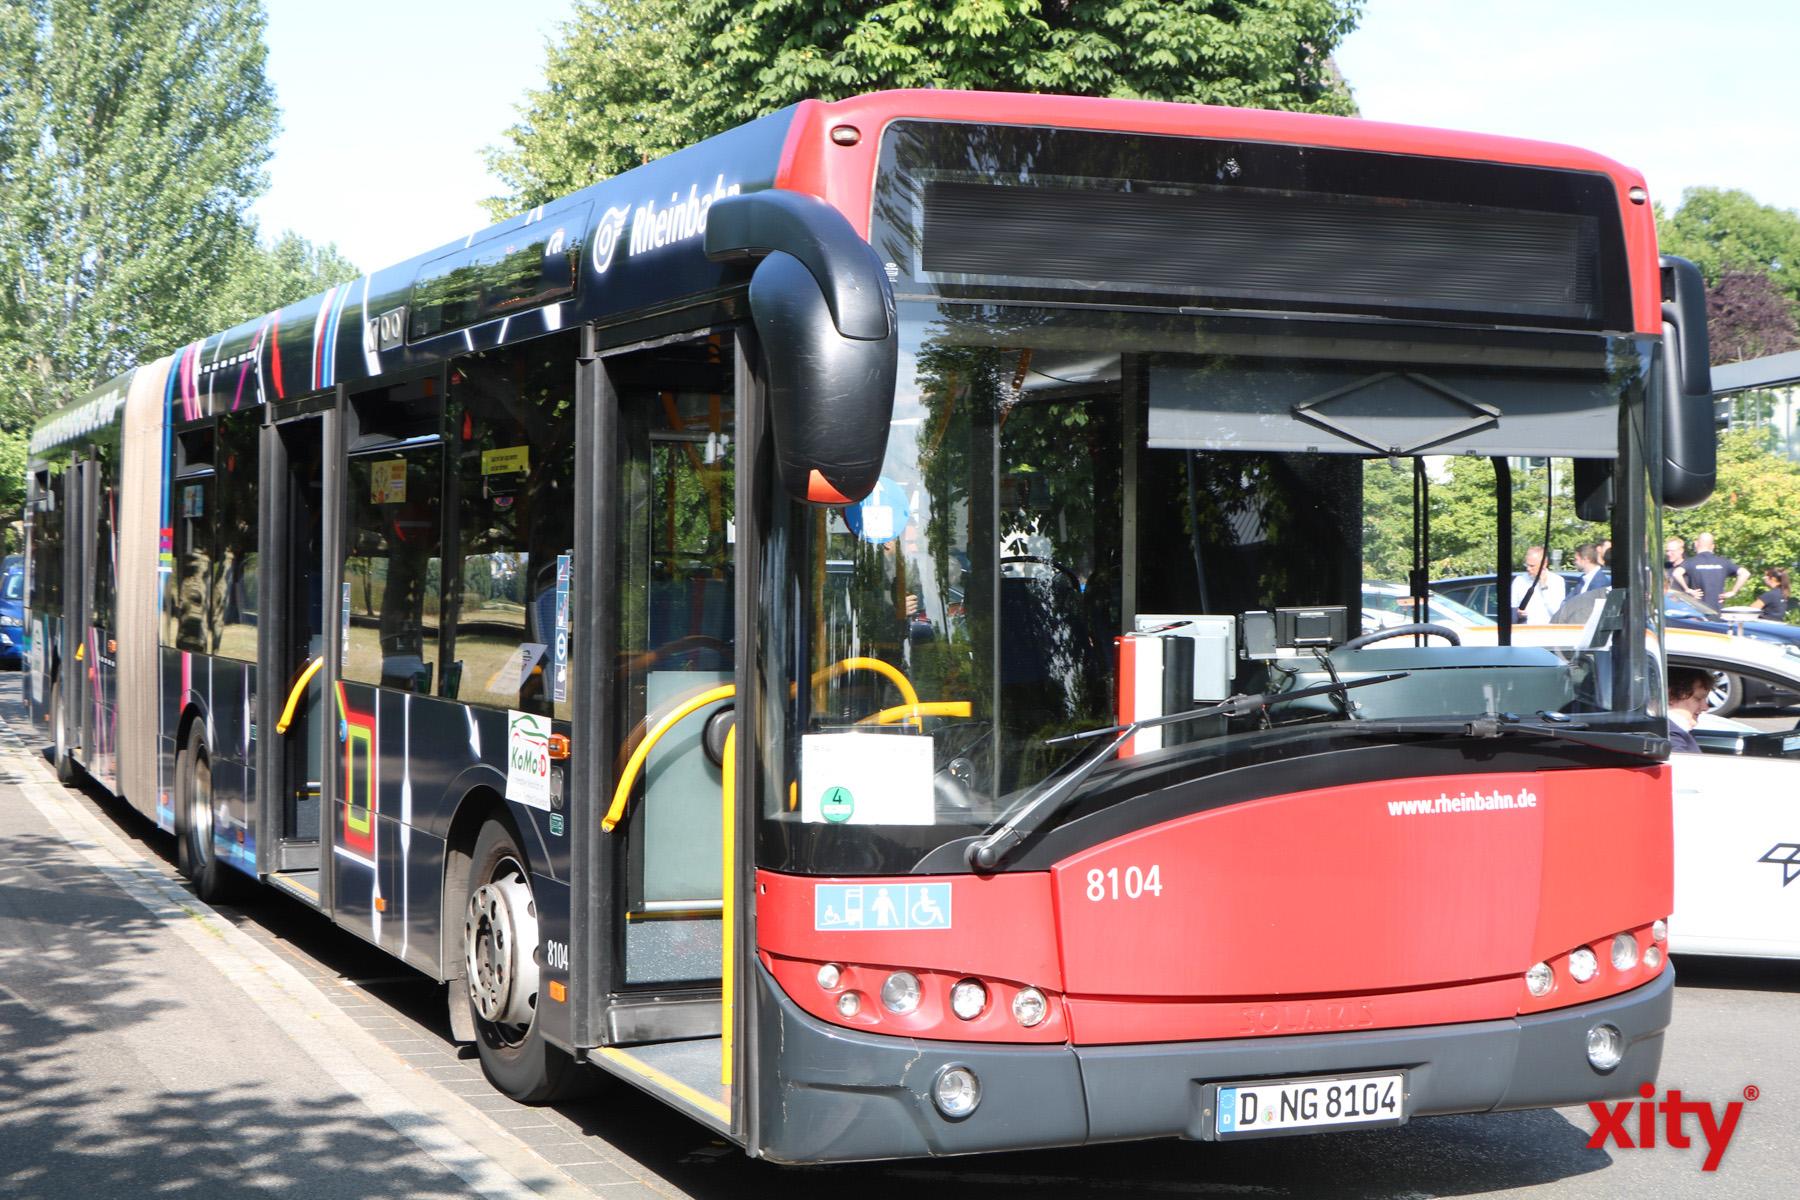 Busse fahren wegen Sperrung des Werstener Tunnels eine Umleitung (Foto: xity)